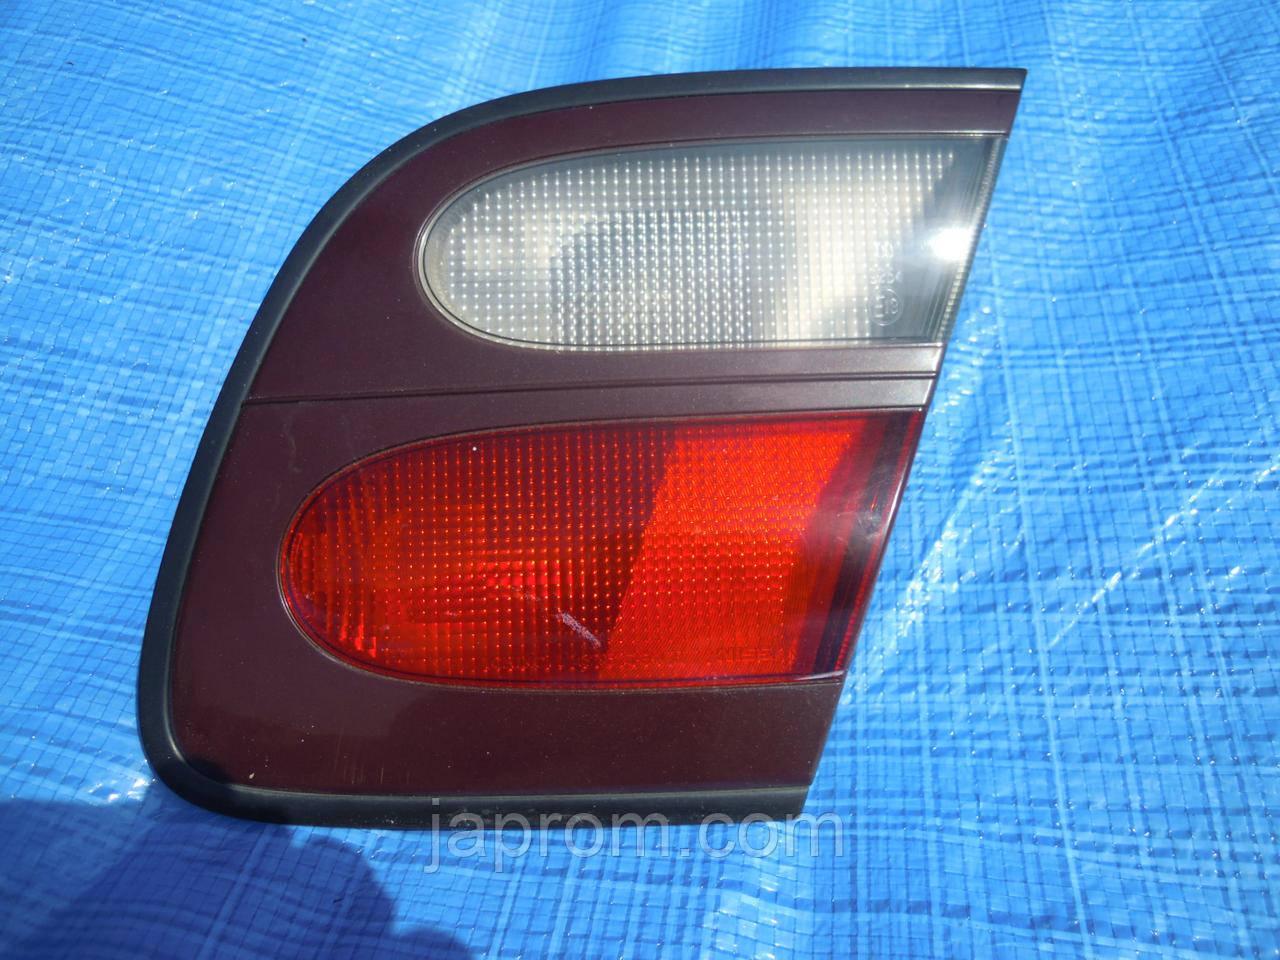 Фонарь крышки багажника правый Nissan Almera N15 1999-2000г.в.3дв. 5дв рестайл